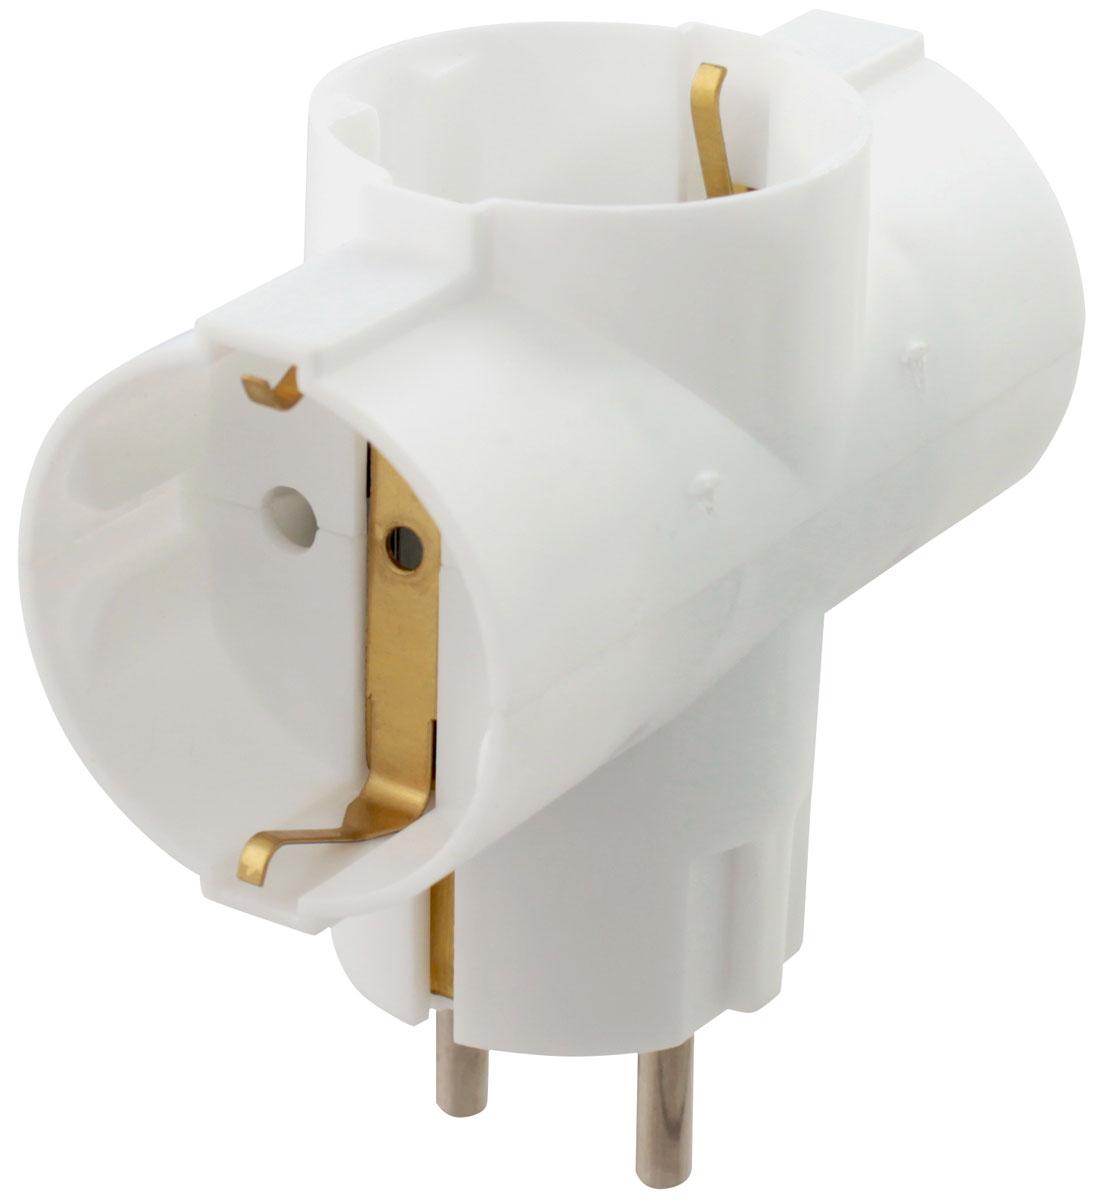 Адаптер сетевой Старт SA1/3-Z на 3 розетки05513Адаптер Старт SA1/3-Z с тремя гнездами изготовлен из негорючего РР-пластика. Корпус адаптера неразборный и обладает ударопрочными свойствами.Контакты заземления и электрические контакты выполнены из латуни, что предотвращает их ломкость. Заземление делает адаптер безопаснее и позволяет избежать коротких замыканий и поражения электрическим током.